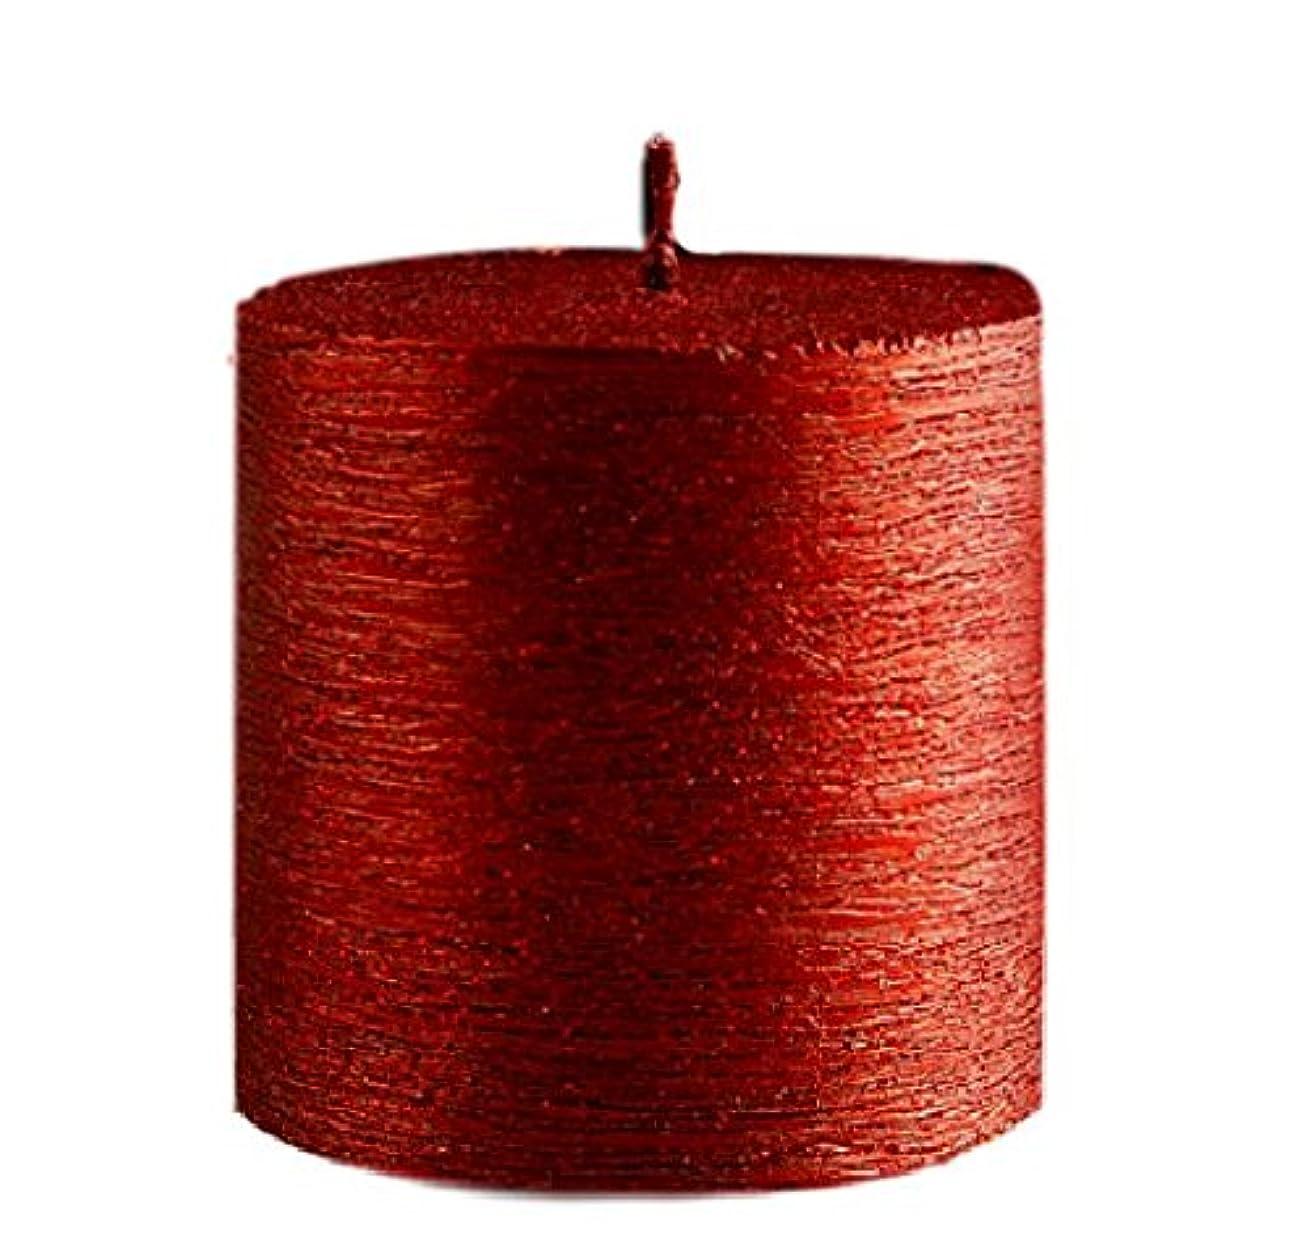 成功する北方申込み(Red) - Valentines Love Romantic Candle (Red) 7.5cm Pillar, Metallic Look, Classy and Elegant, Decorative Candle, Perfect for Weddings, Parties, Festive & Shimmery